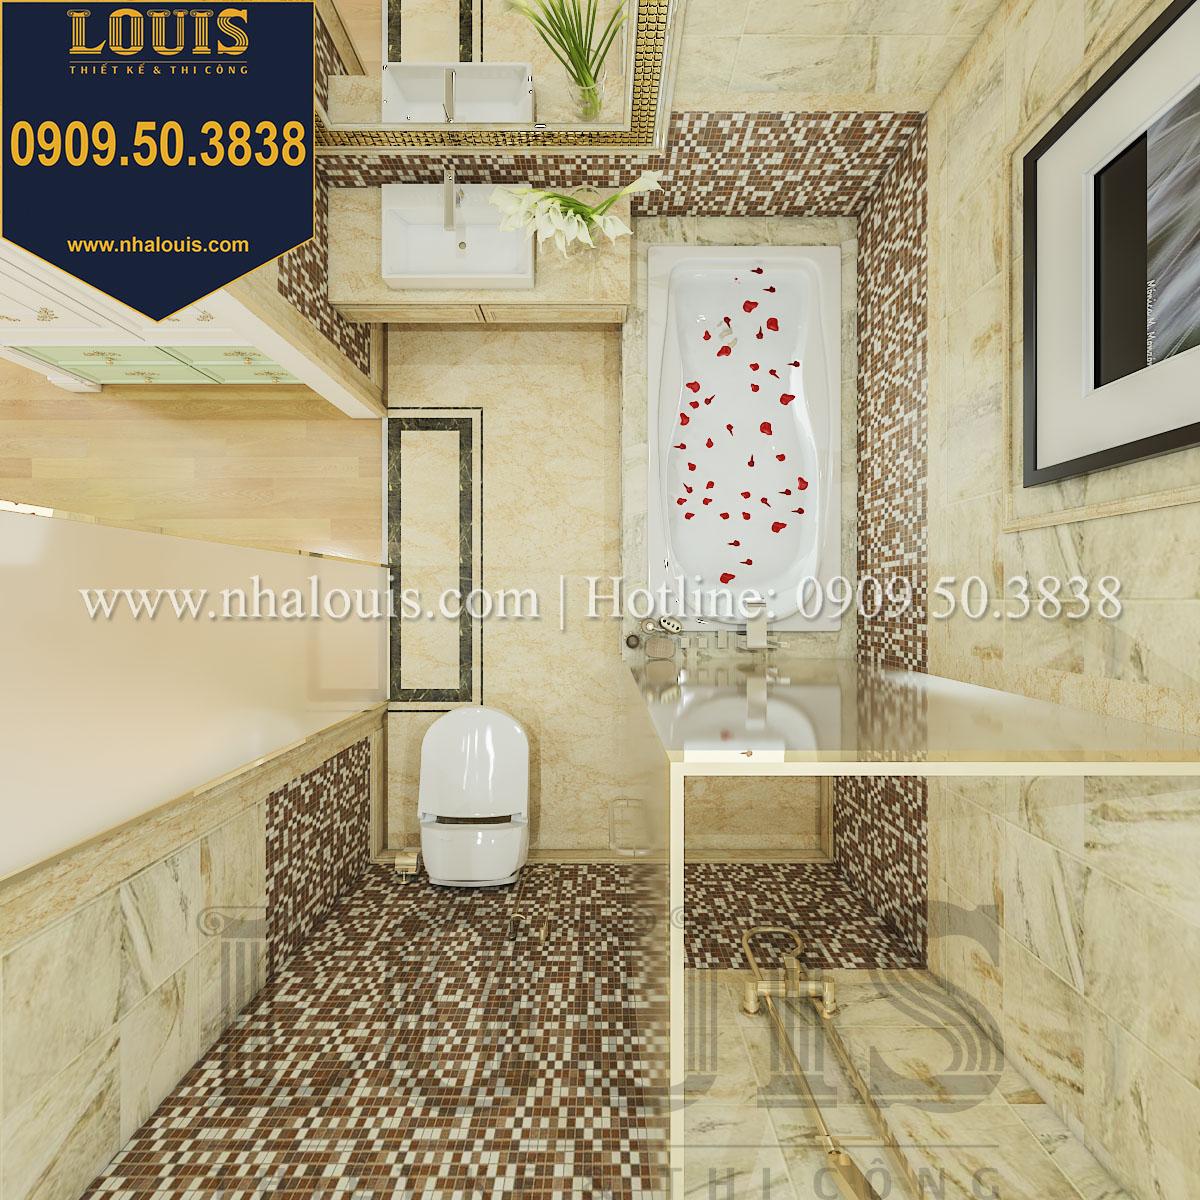 Phòng tắm và WC biệt thự phong cách cổ điển châu Âu - 036